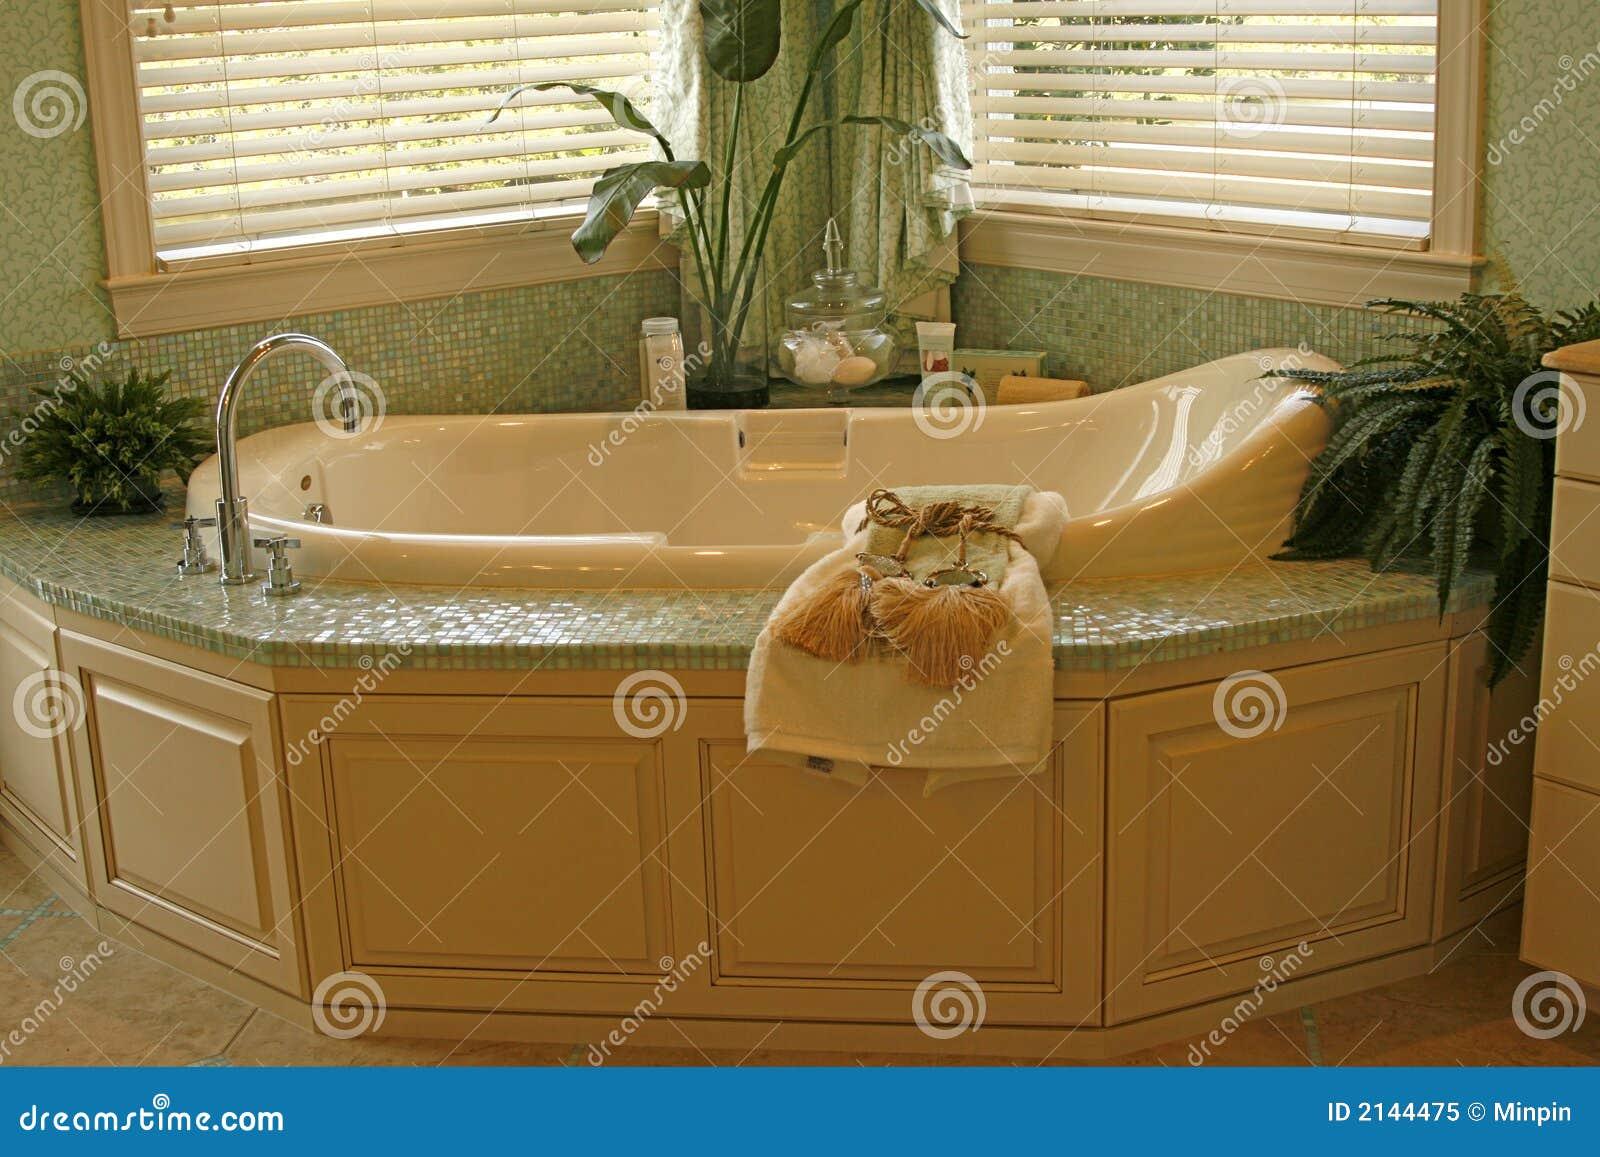 Banheira interna no canto de plantas withtropical do banheiro de  #714B1A 1300 957